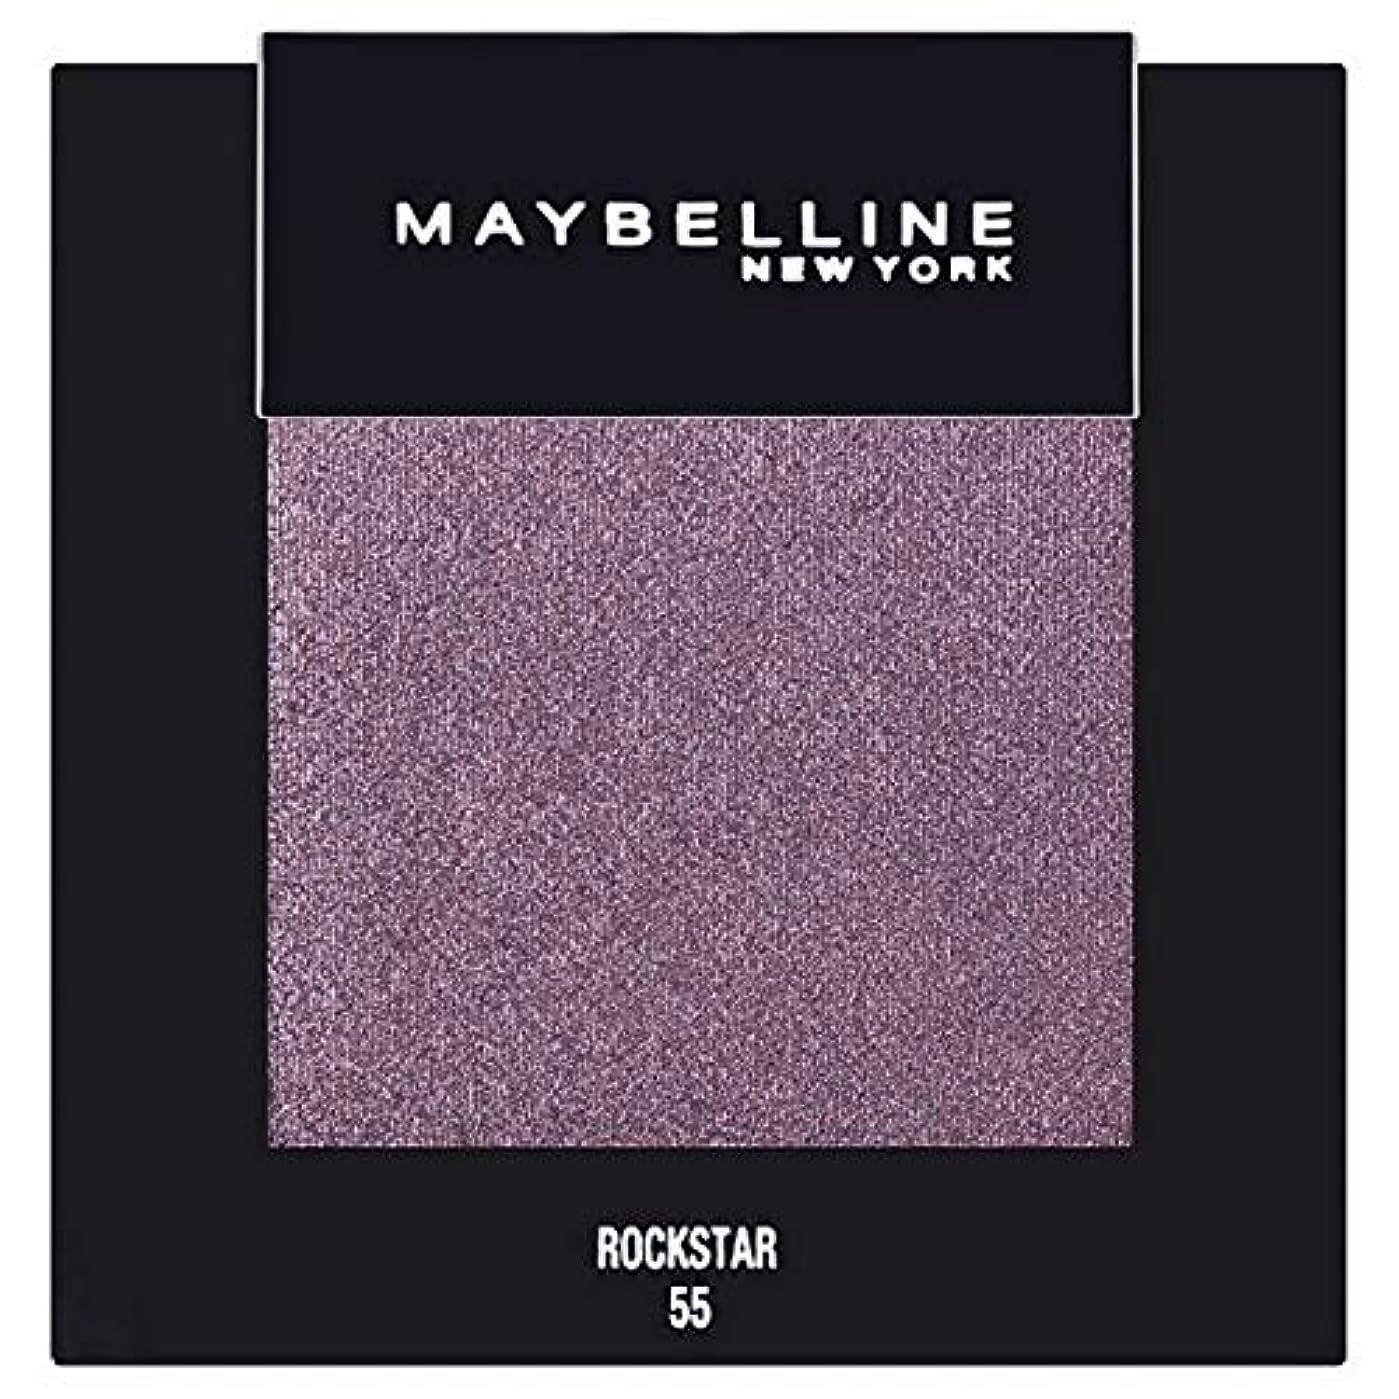 蜂フェザー土器[Maybelline ] メイベリンカラーショーシングルアイシャドウ55ロックスター - Maybelline Color Show Single Eyeshadow 55 Rockstar [並行輸入品]